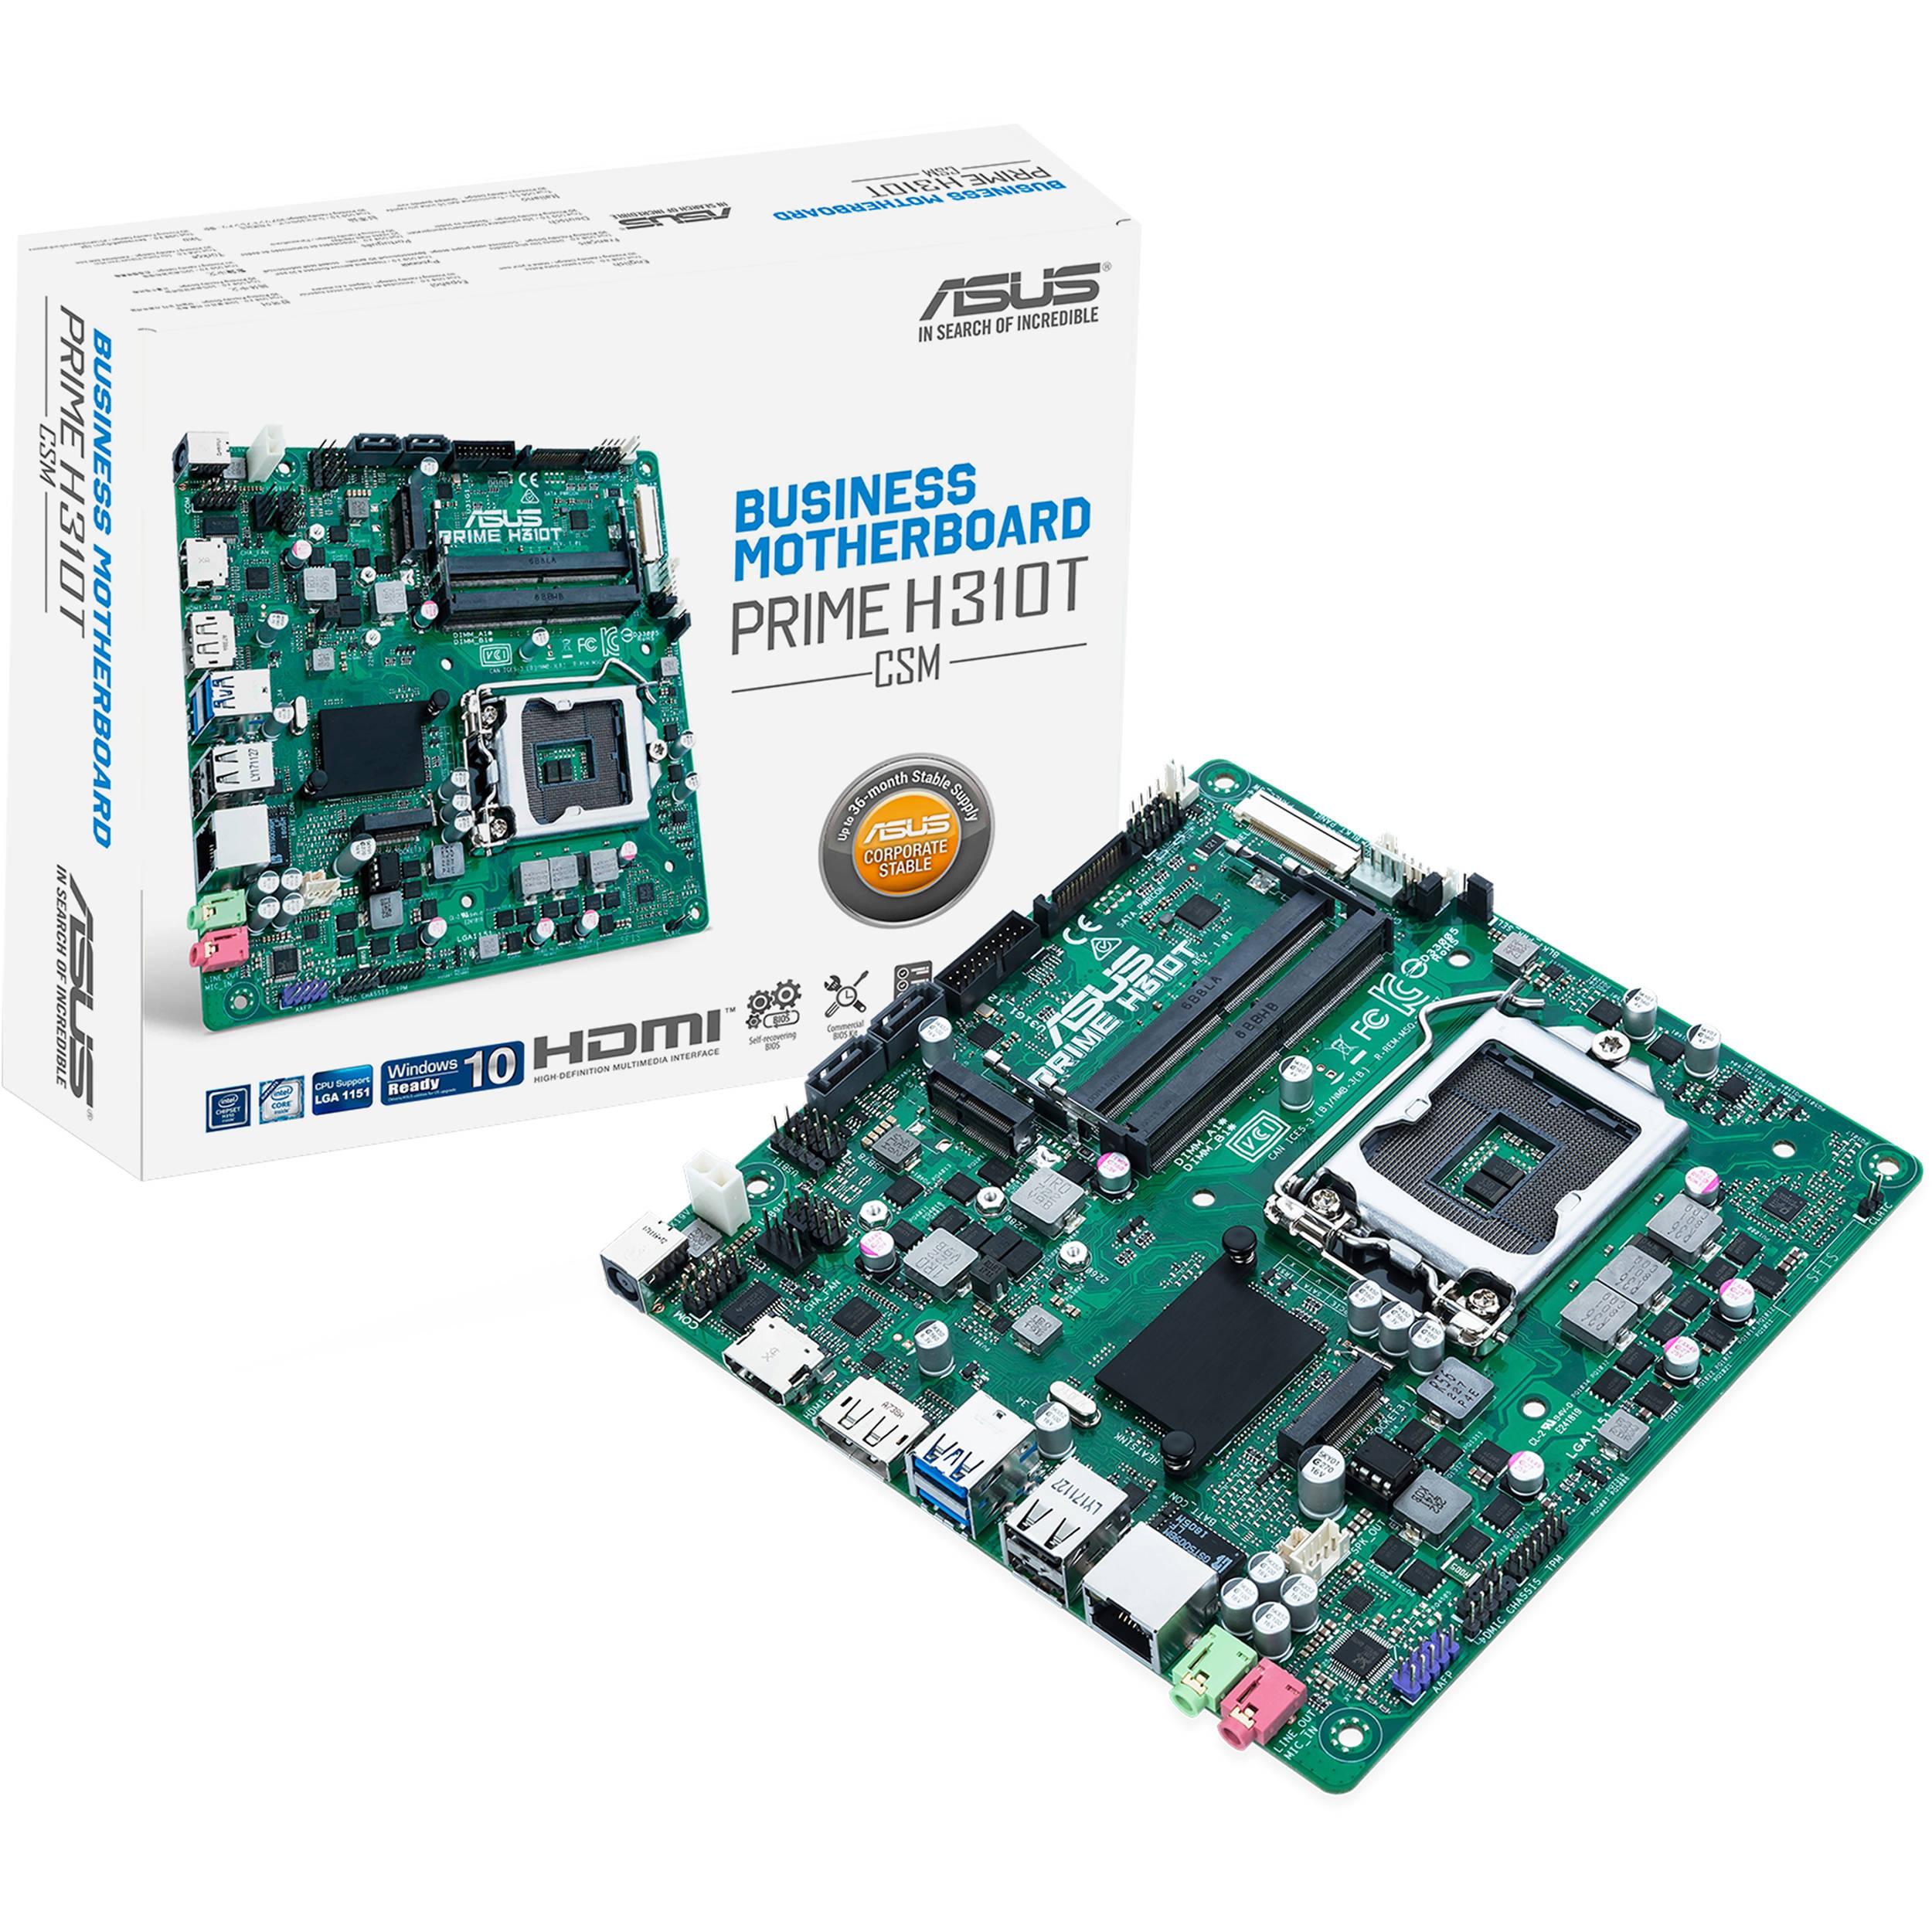 ASUS Prime H310T/CSM LGA 1151 Mini-ITX Motherboard